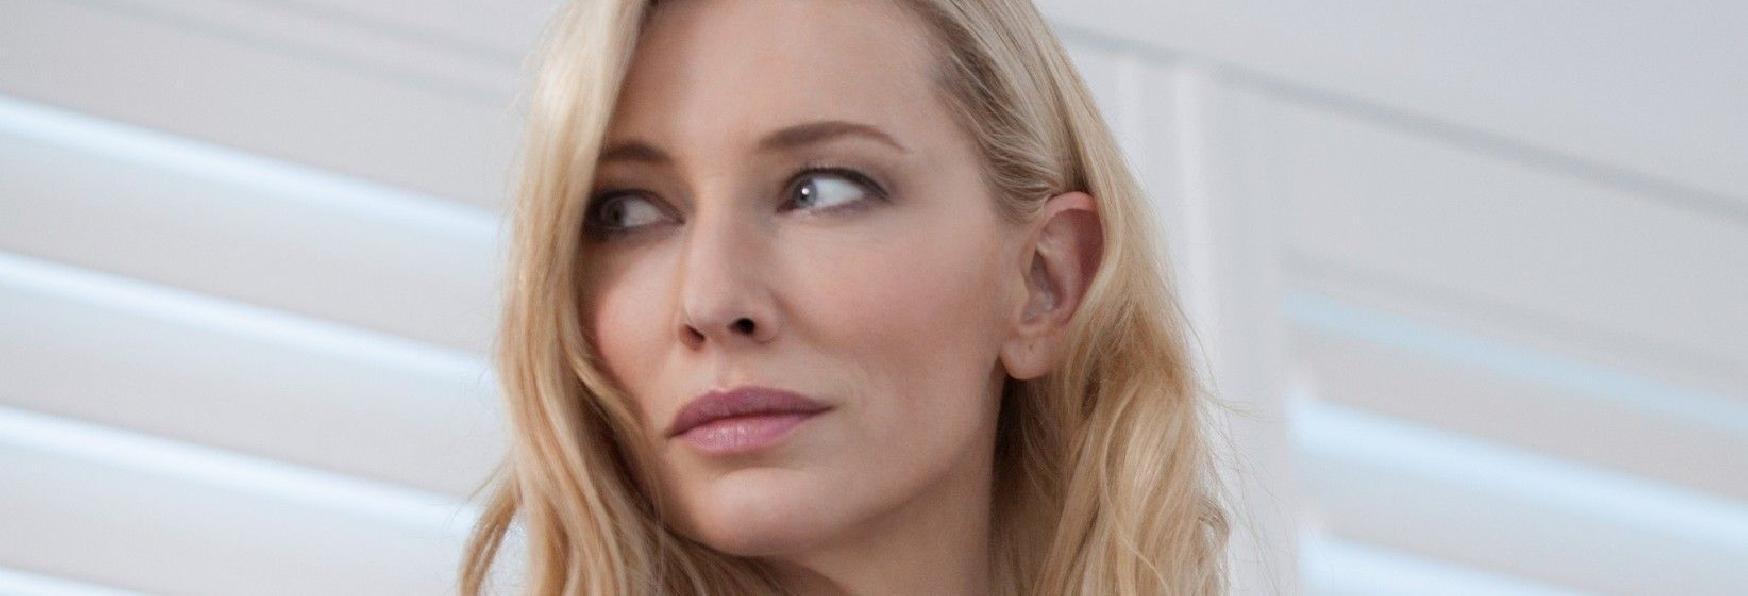 Cate Blanchett Protagonista di Mrs. America, la Nuova Serie di FX sui Diritti delle Donne.